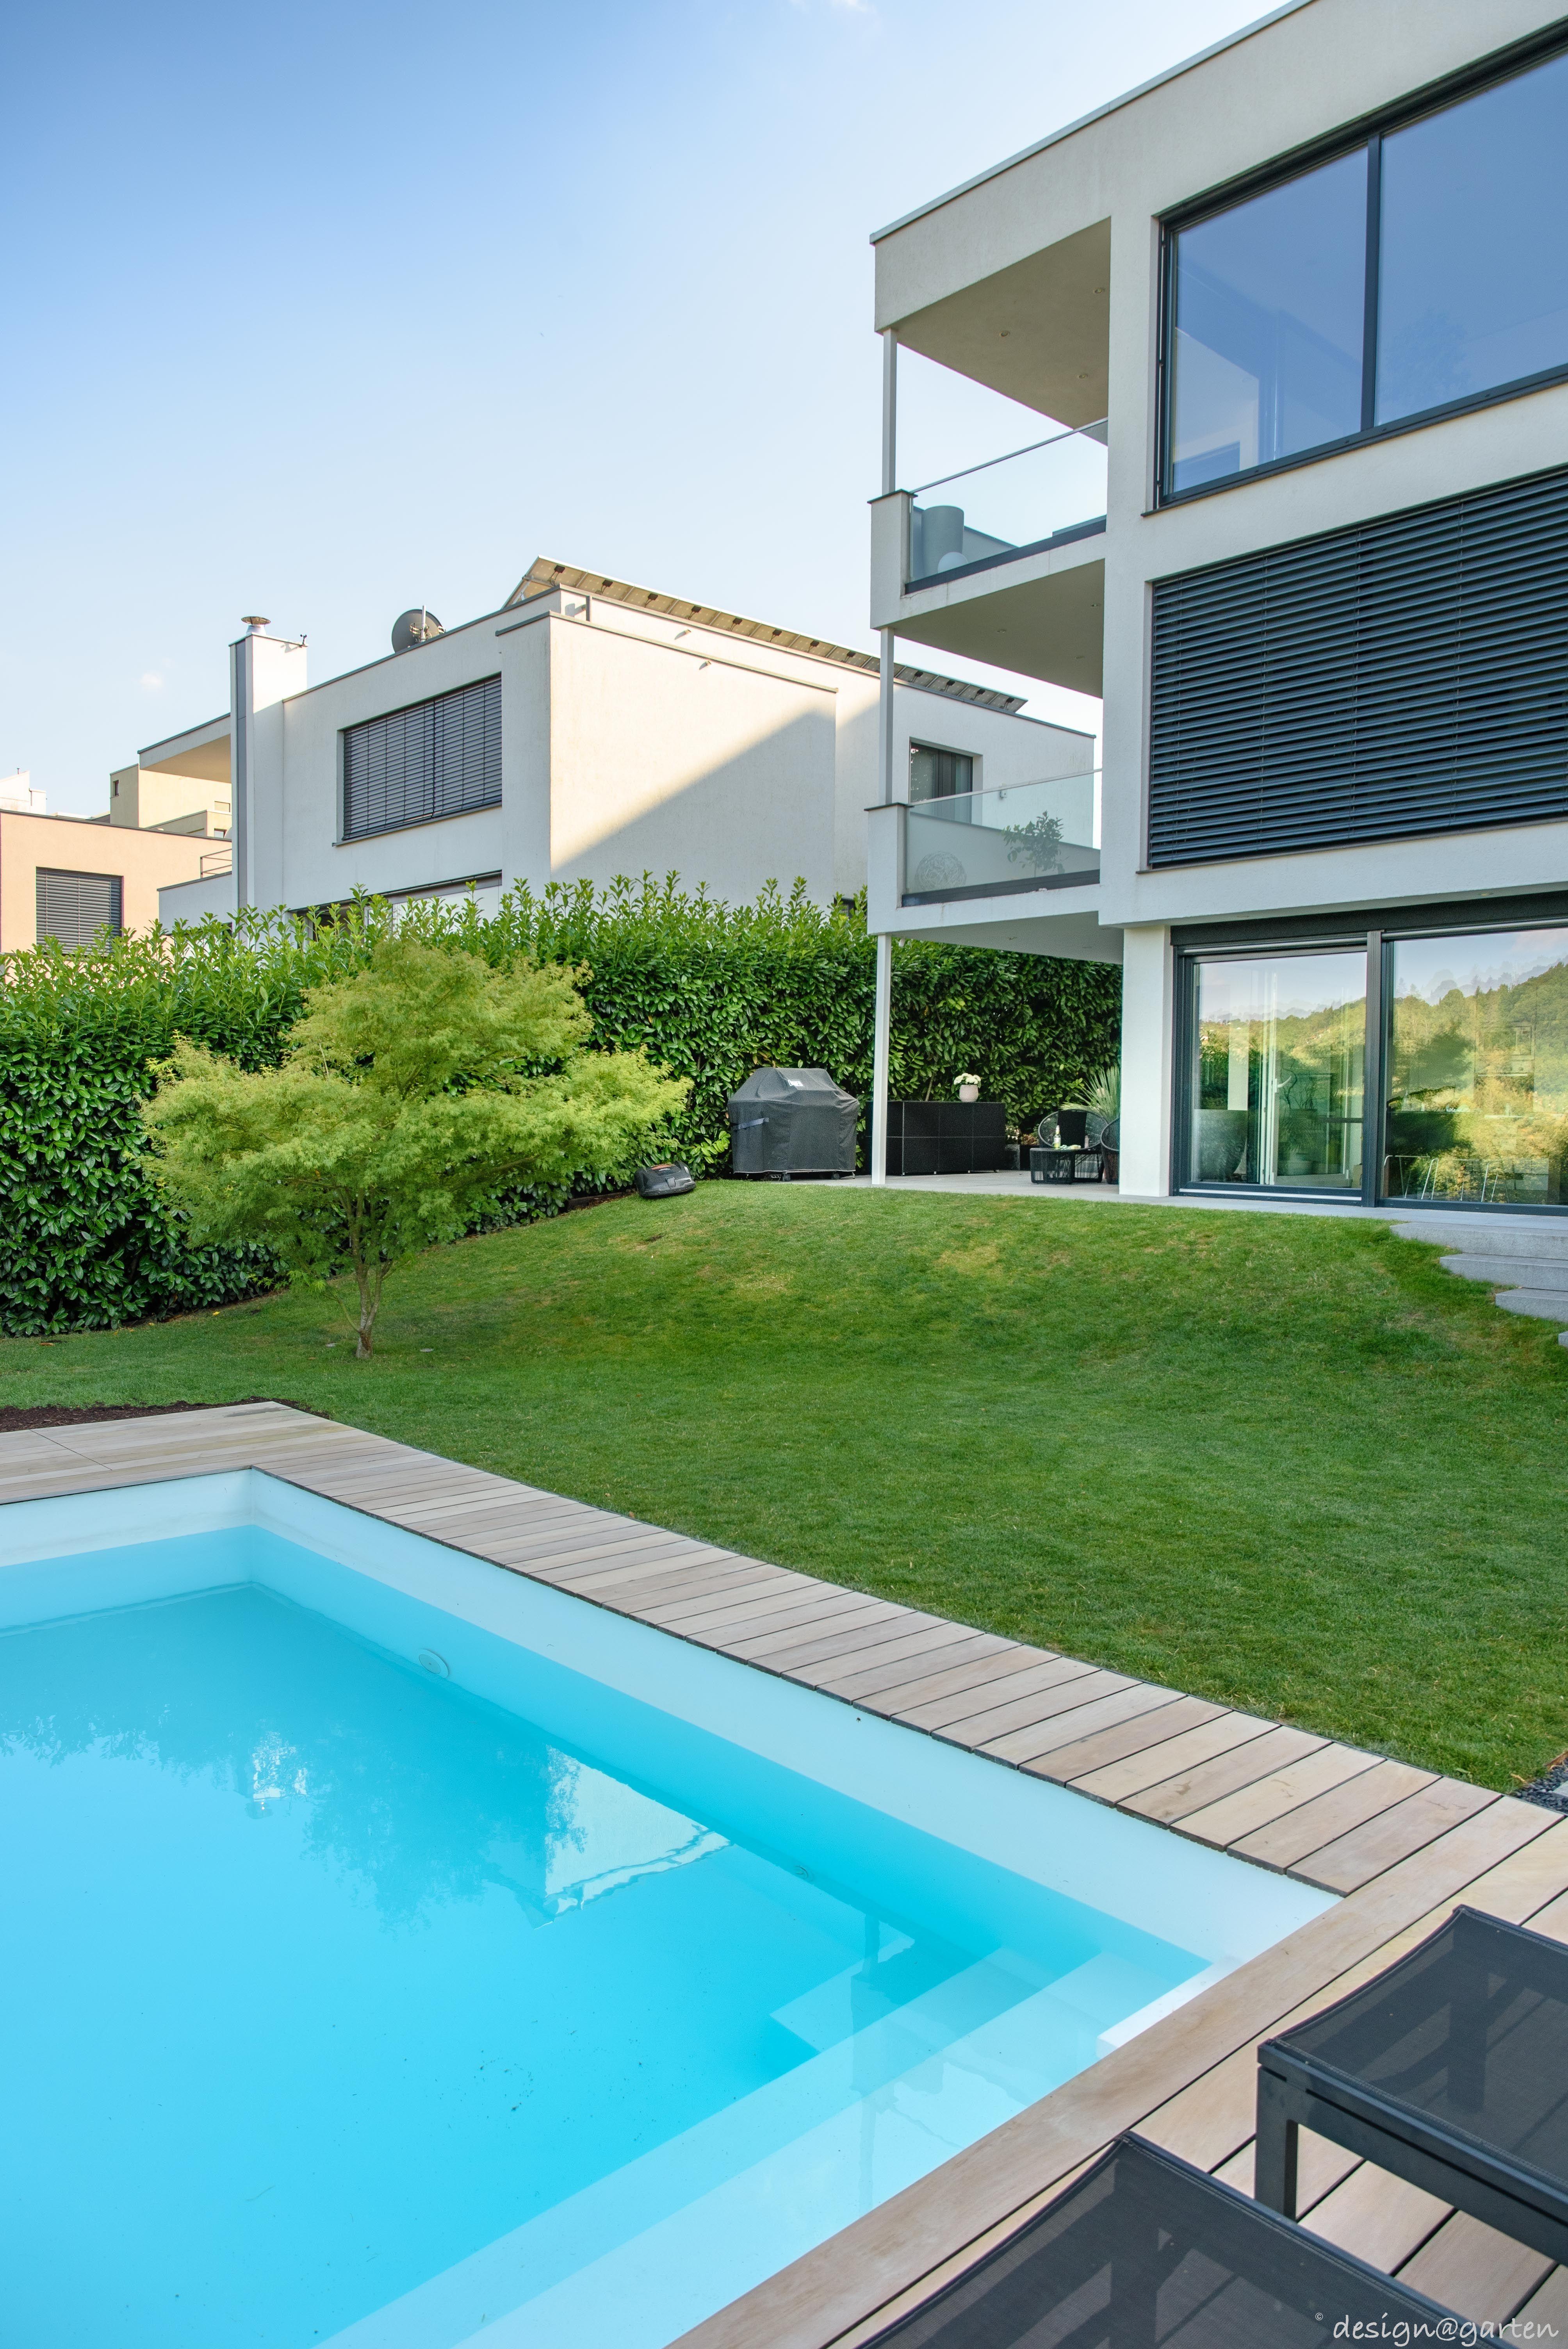 Balkonschrank Terrassenschrank Hochschrank Win By Design Garten Augsburg Farbe Black Wetterfest Uv Bestand Gartenschrank Balkonschrank Tauchbecken